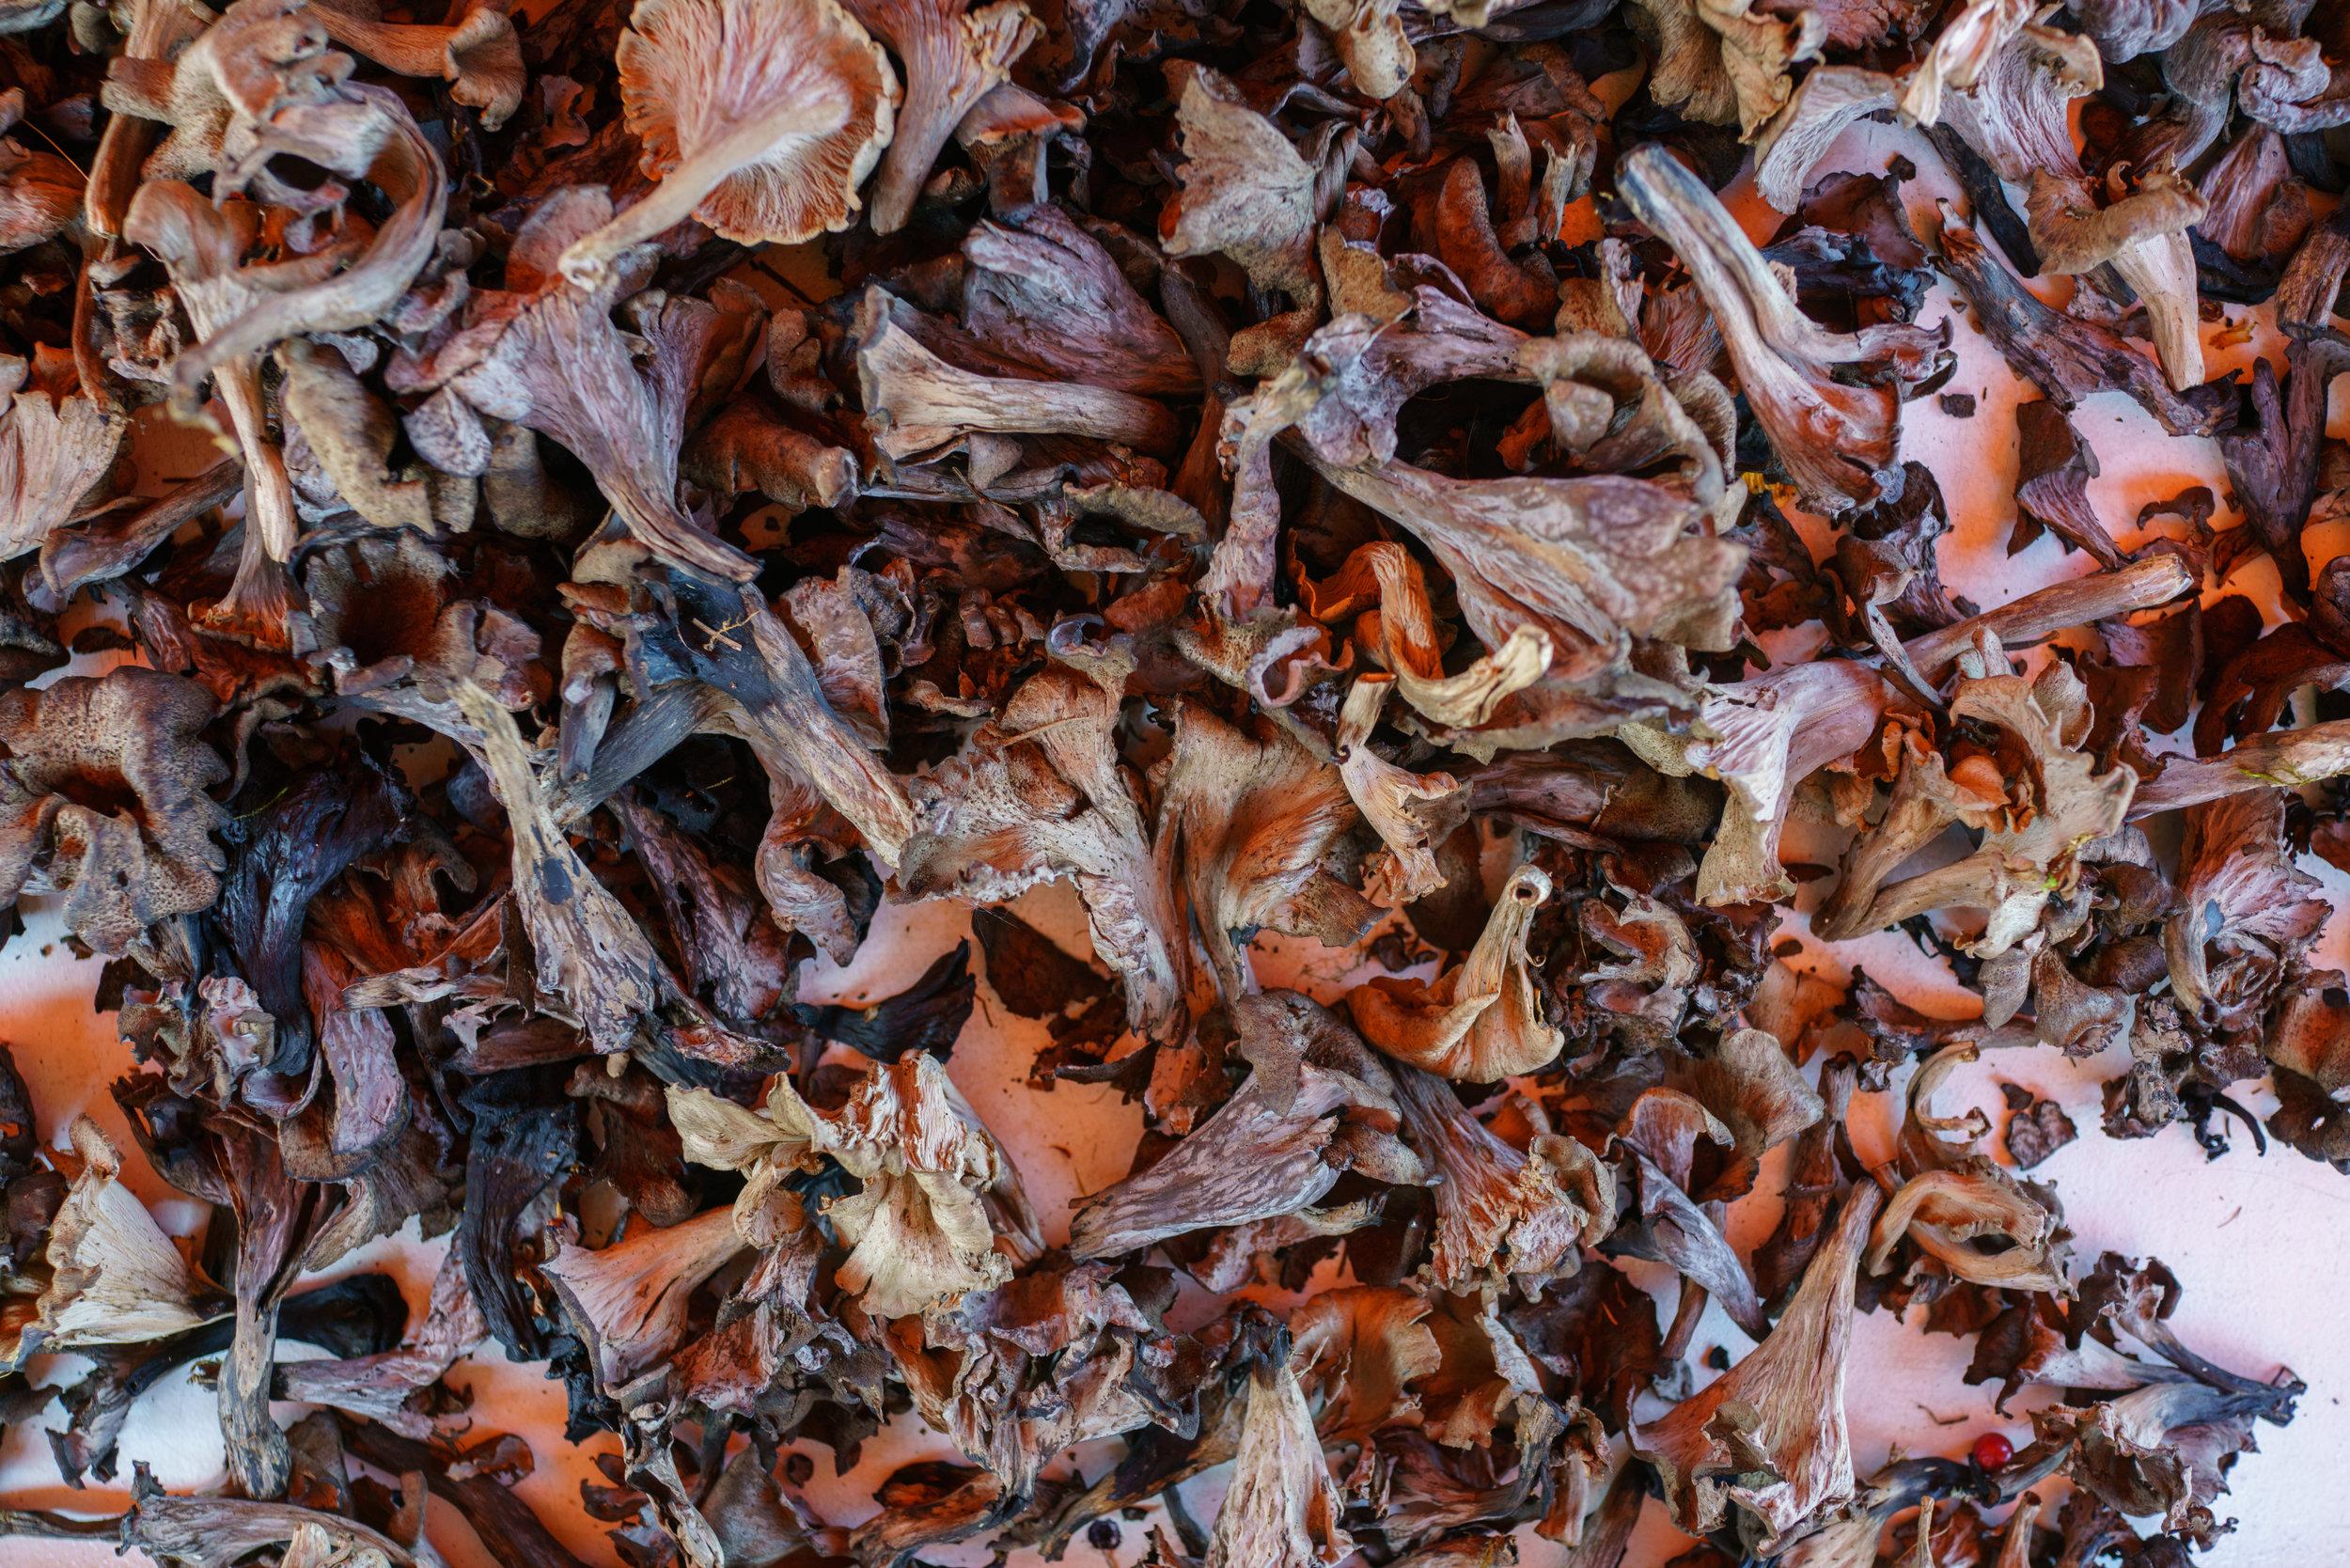 Mushooms at Market Square